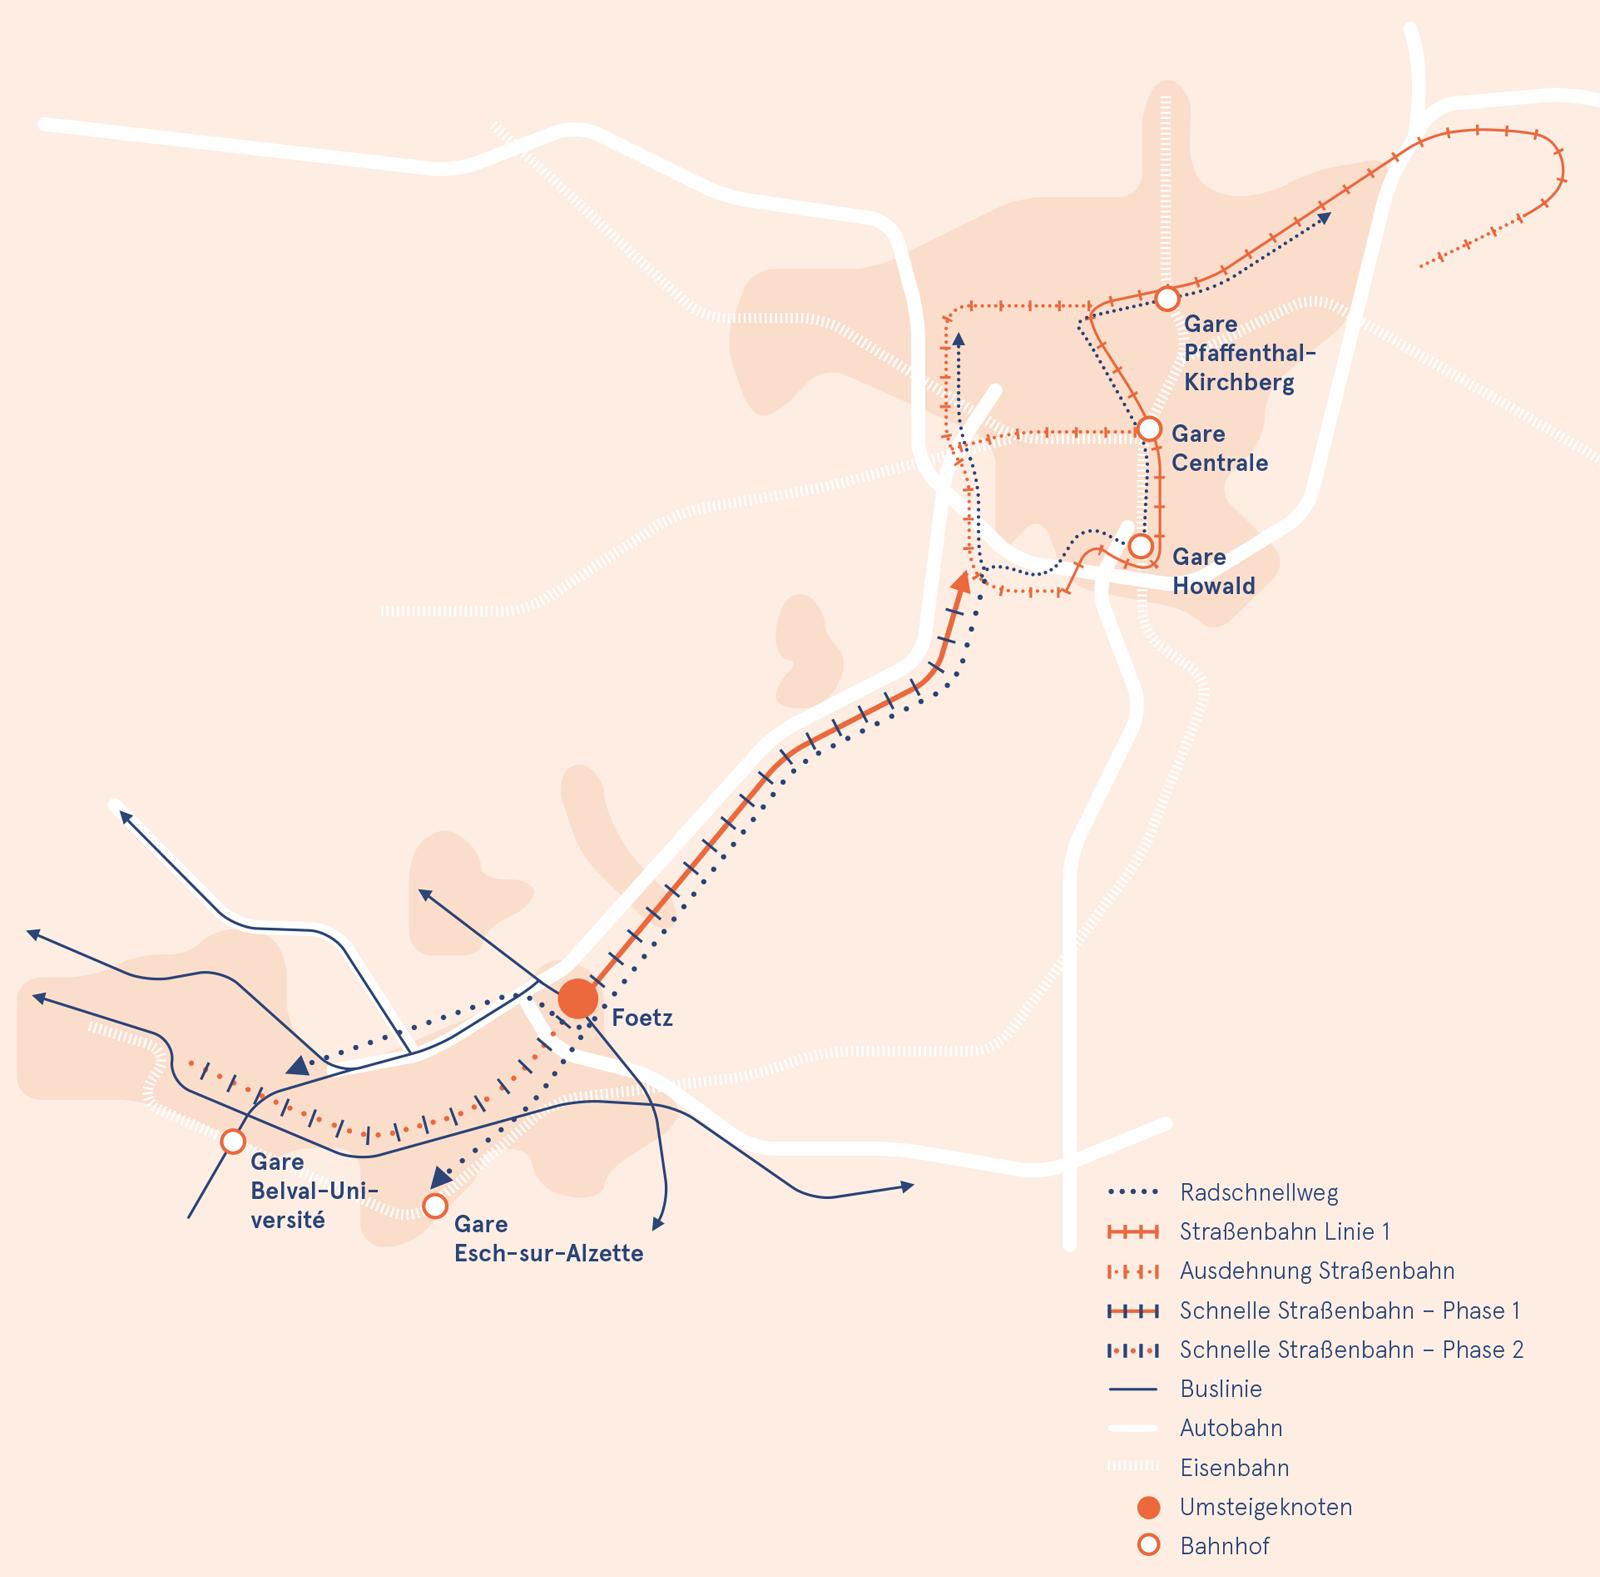 Schnelle Straßenbahn in Luxemburg Erweiterung Straßenbahnnetz